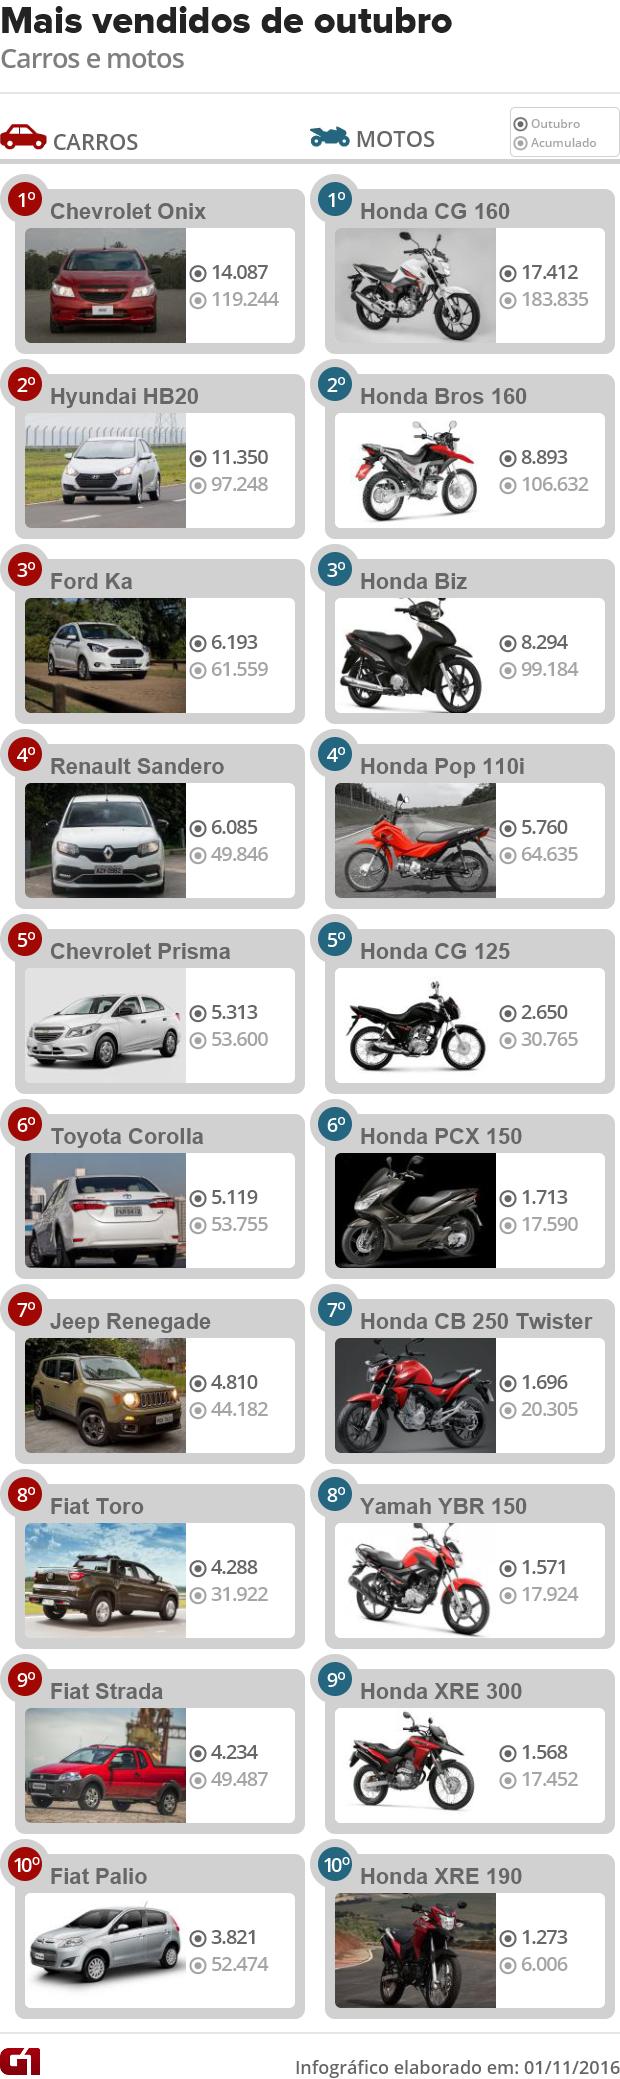 Mais vendidos de outubro de 2016 Fenabrave (Foto: G1)